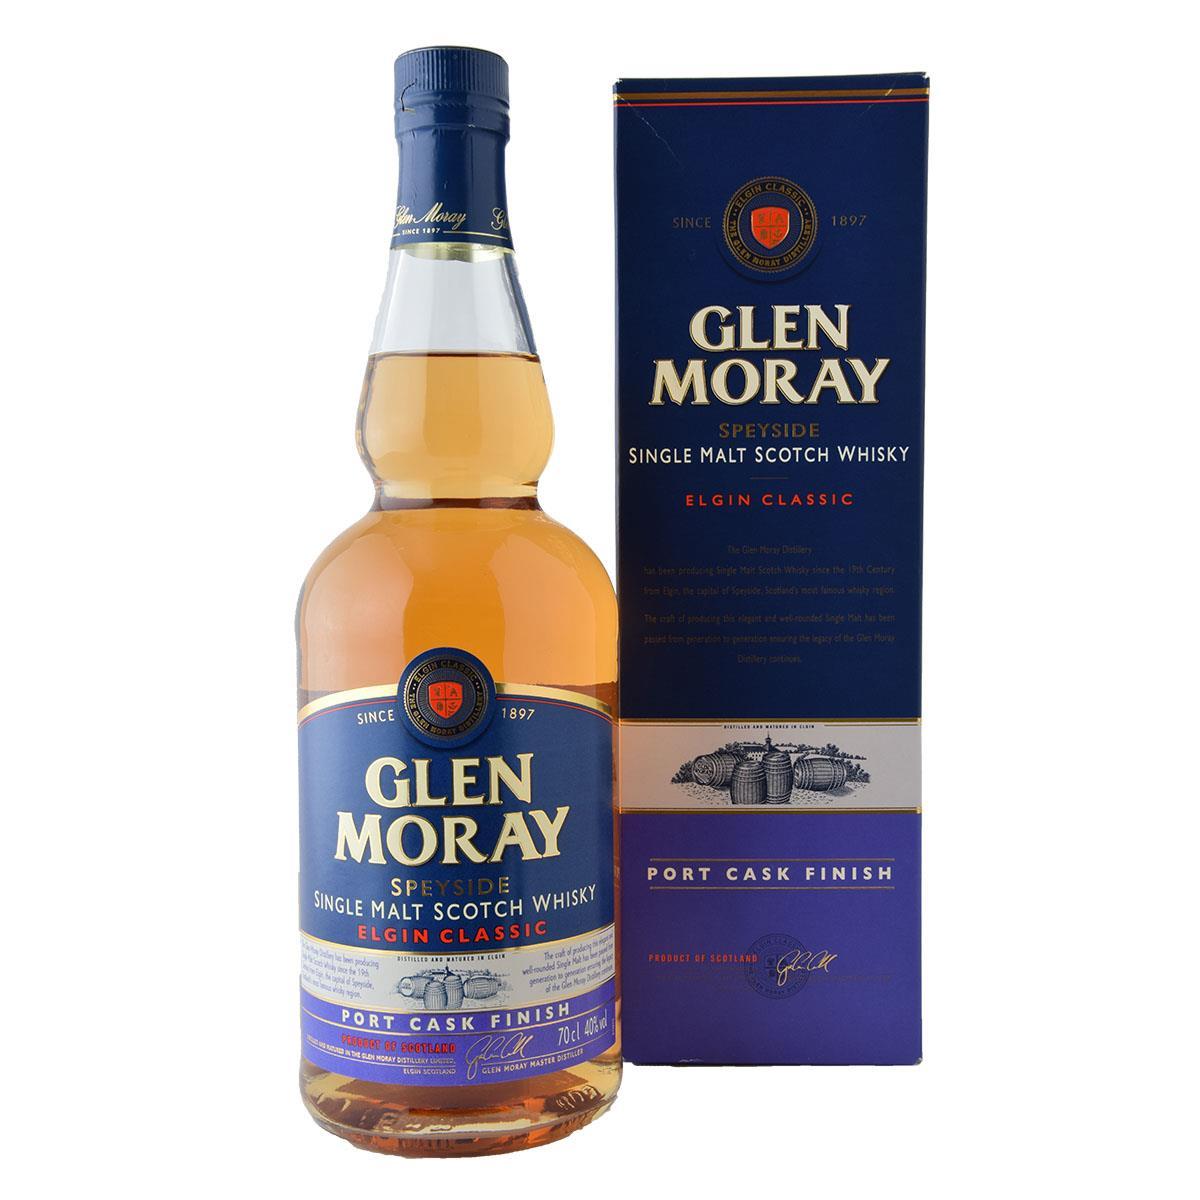 Glen Moray Port Cask Finish 700ml